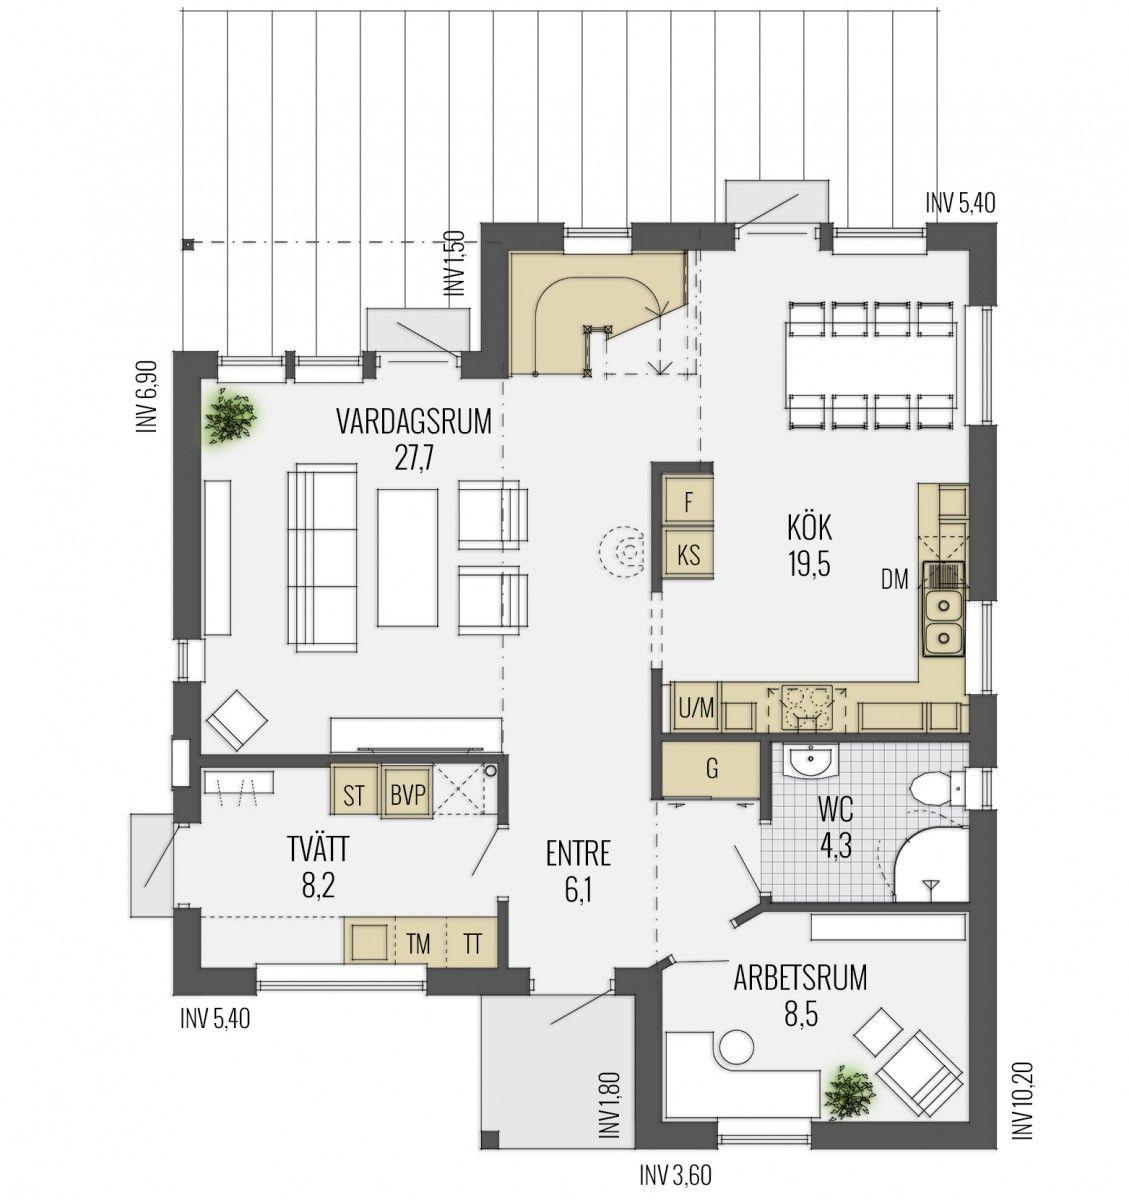 Варианты домов от ведущих Архитектурных бюро Европы